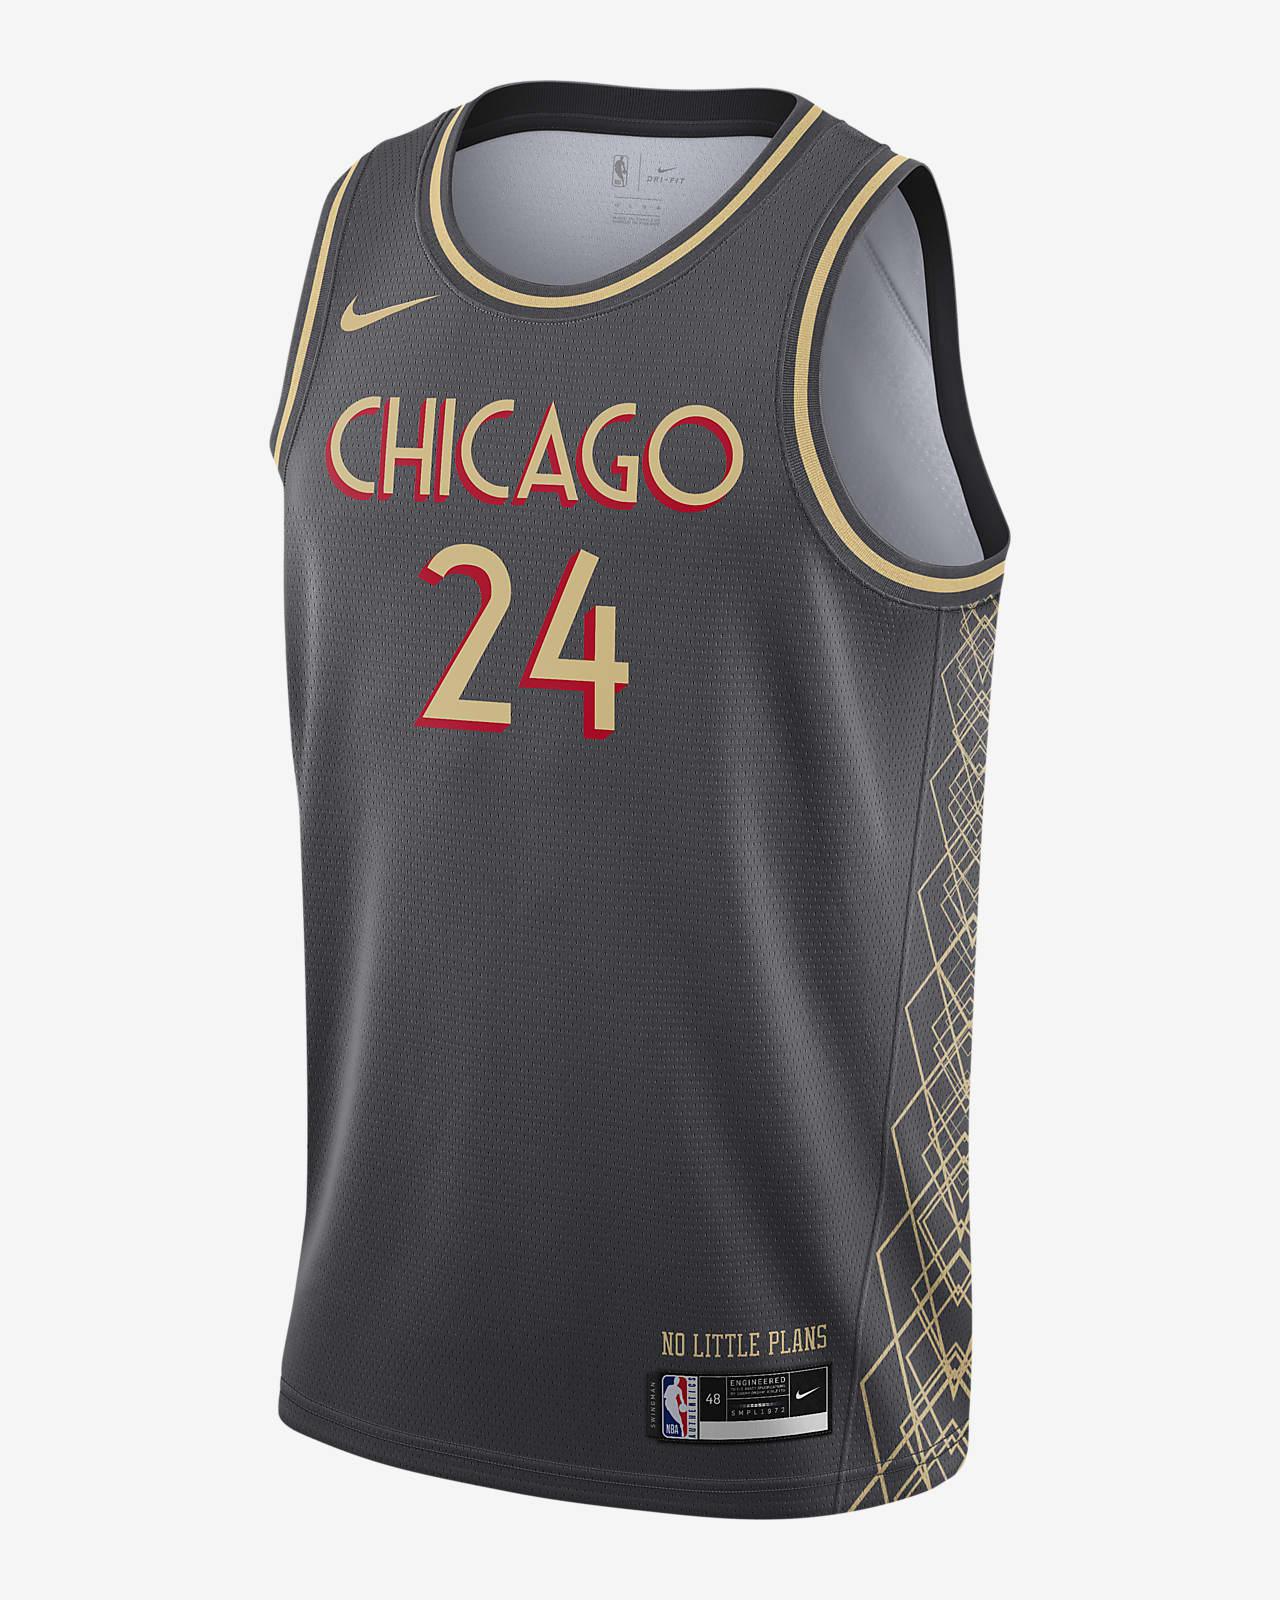 Φανέλα Nike NBA Swingman Σικάγο Μπουλς City Edition